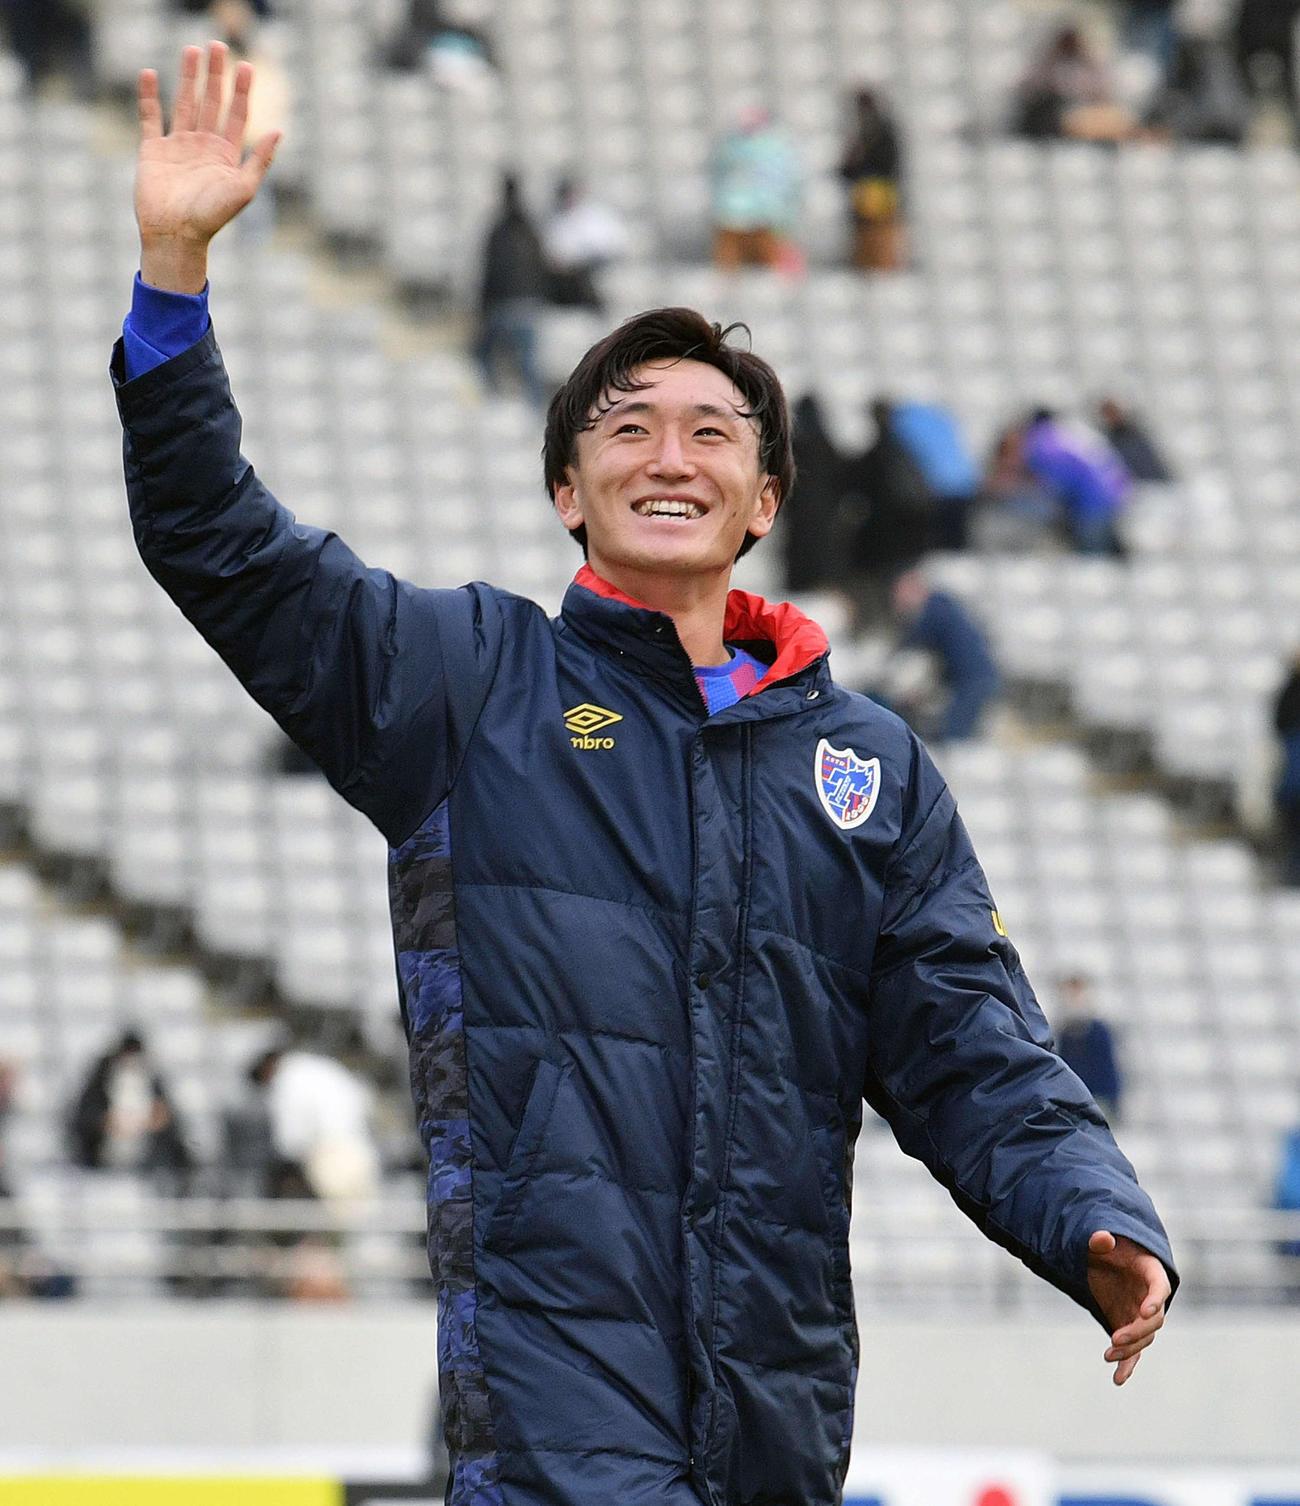 東京対広島 試合後、決勝のゴールを決めた東京DF中村帆高は笑顔でサポーターに手を振る(撮影・滝沢徹郎)